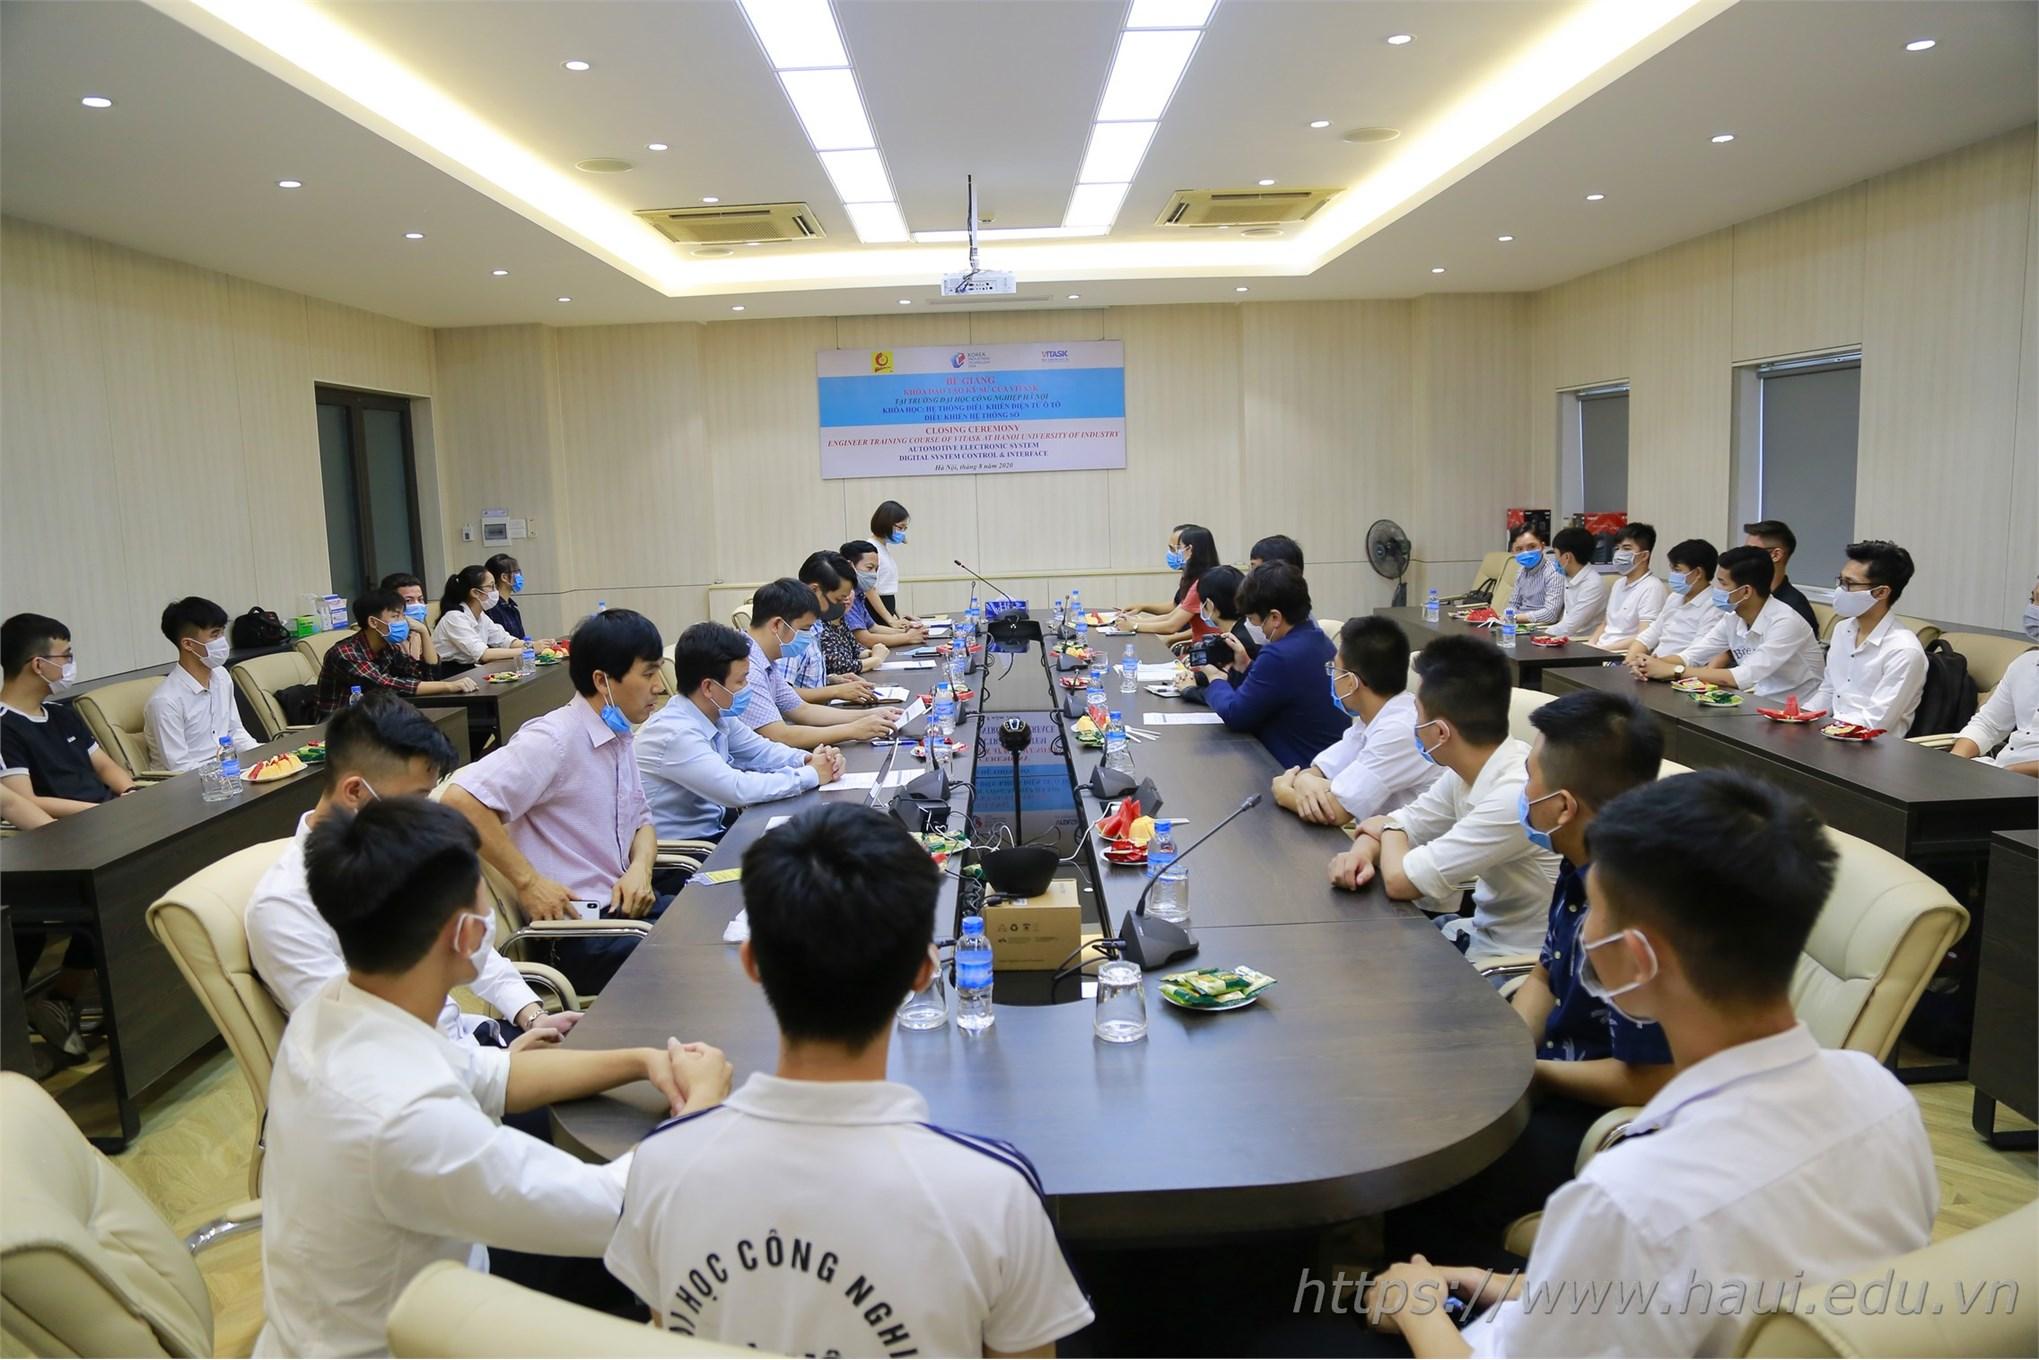 Bế giảng khóa đào tạo kỹ sư ngắn hạn về Điện tử và Công nghệ Ô tô của VI-TASK